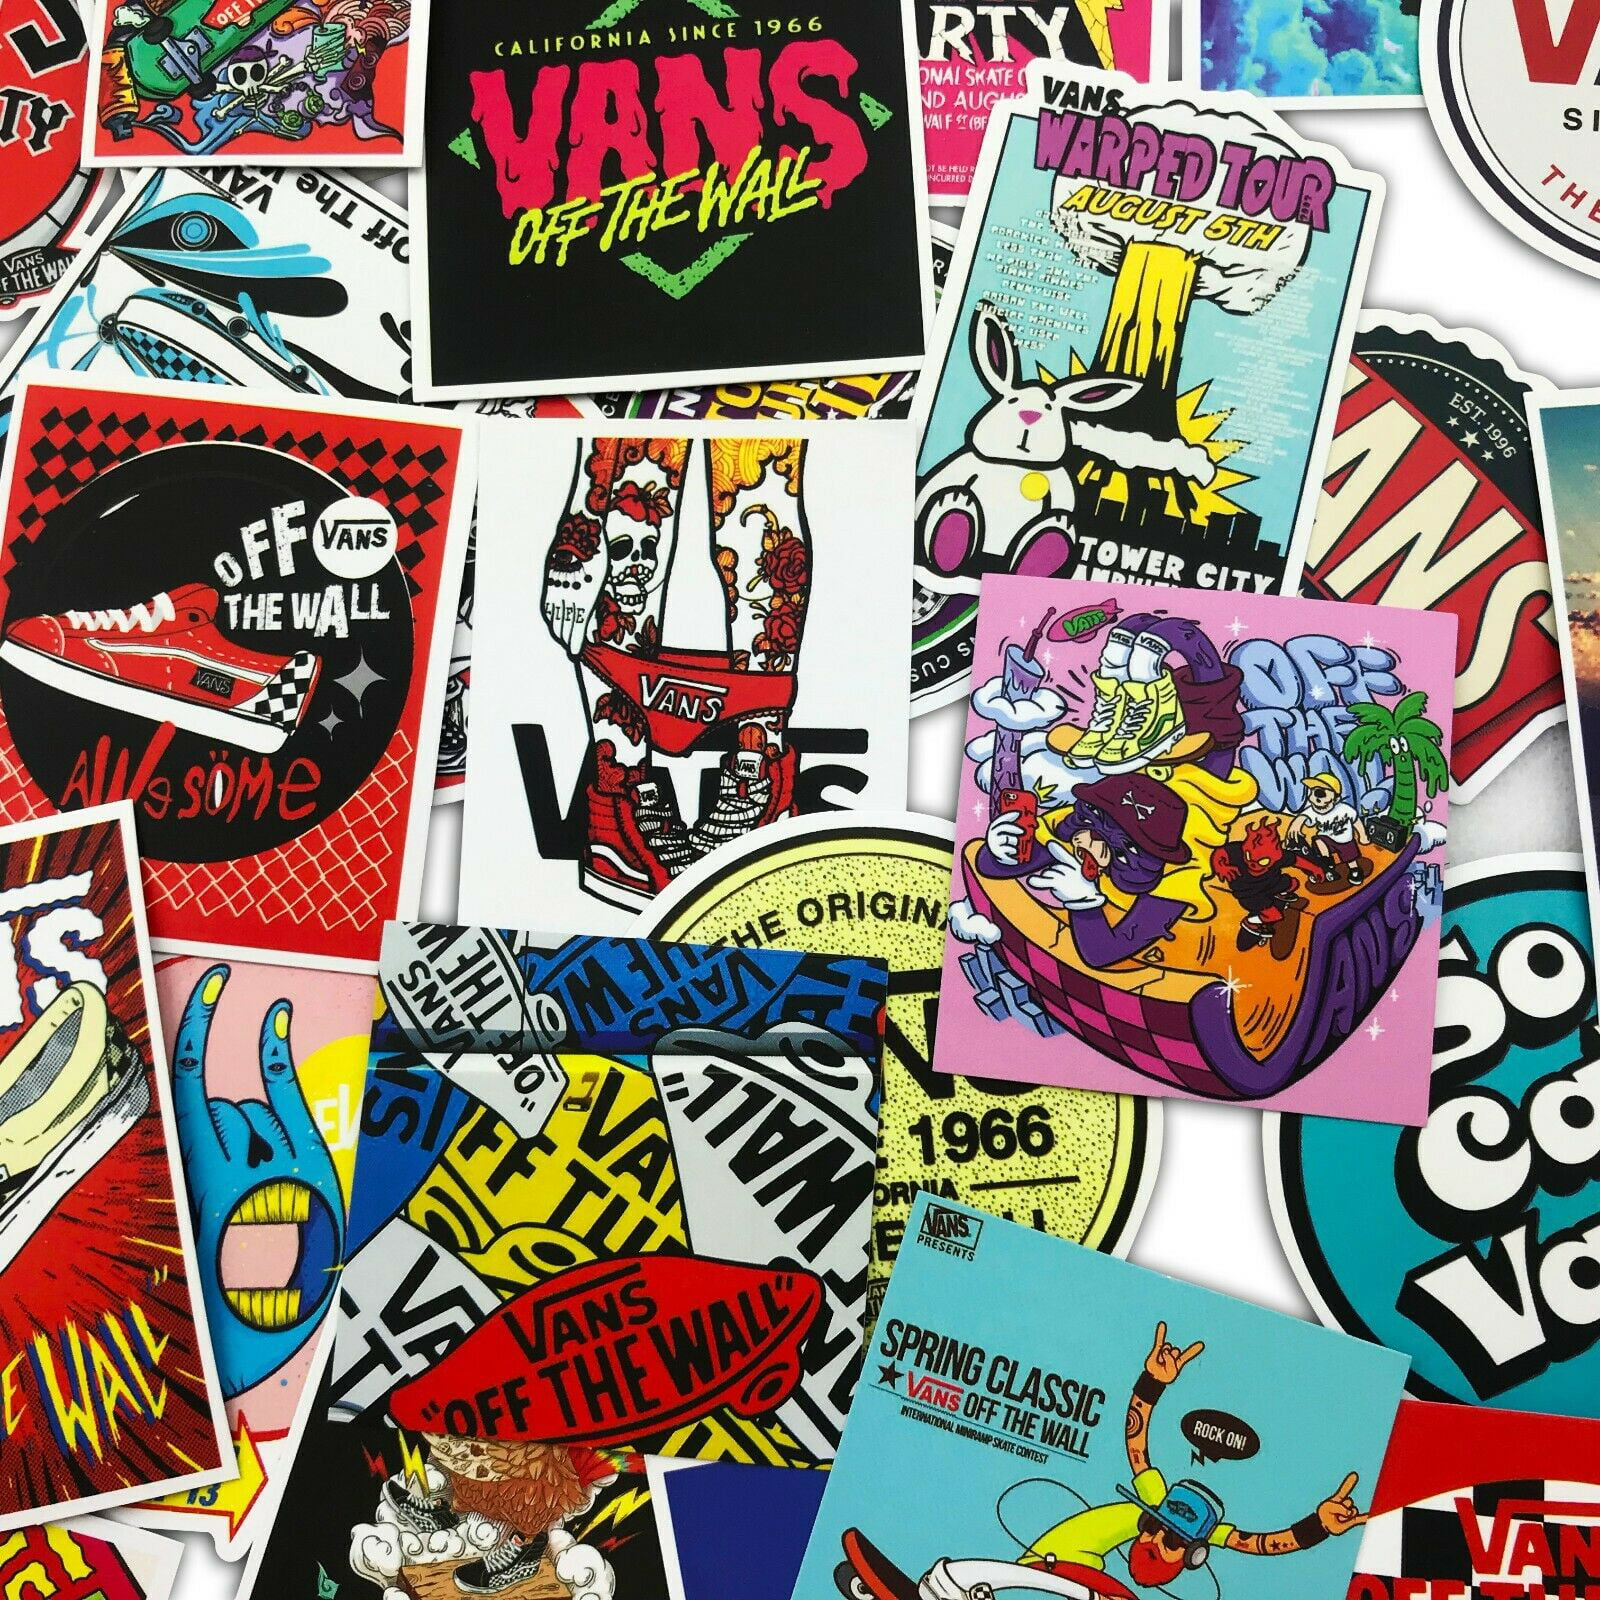 100 PCS VANS OFF THE WALL Logo Decal Sticker Skateboard Laptop Stickers Lot - Walmart.com